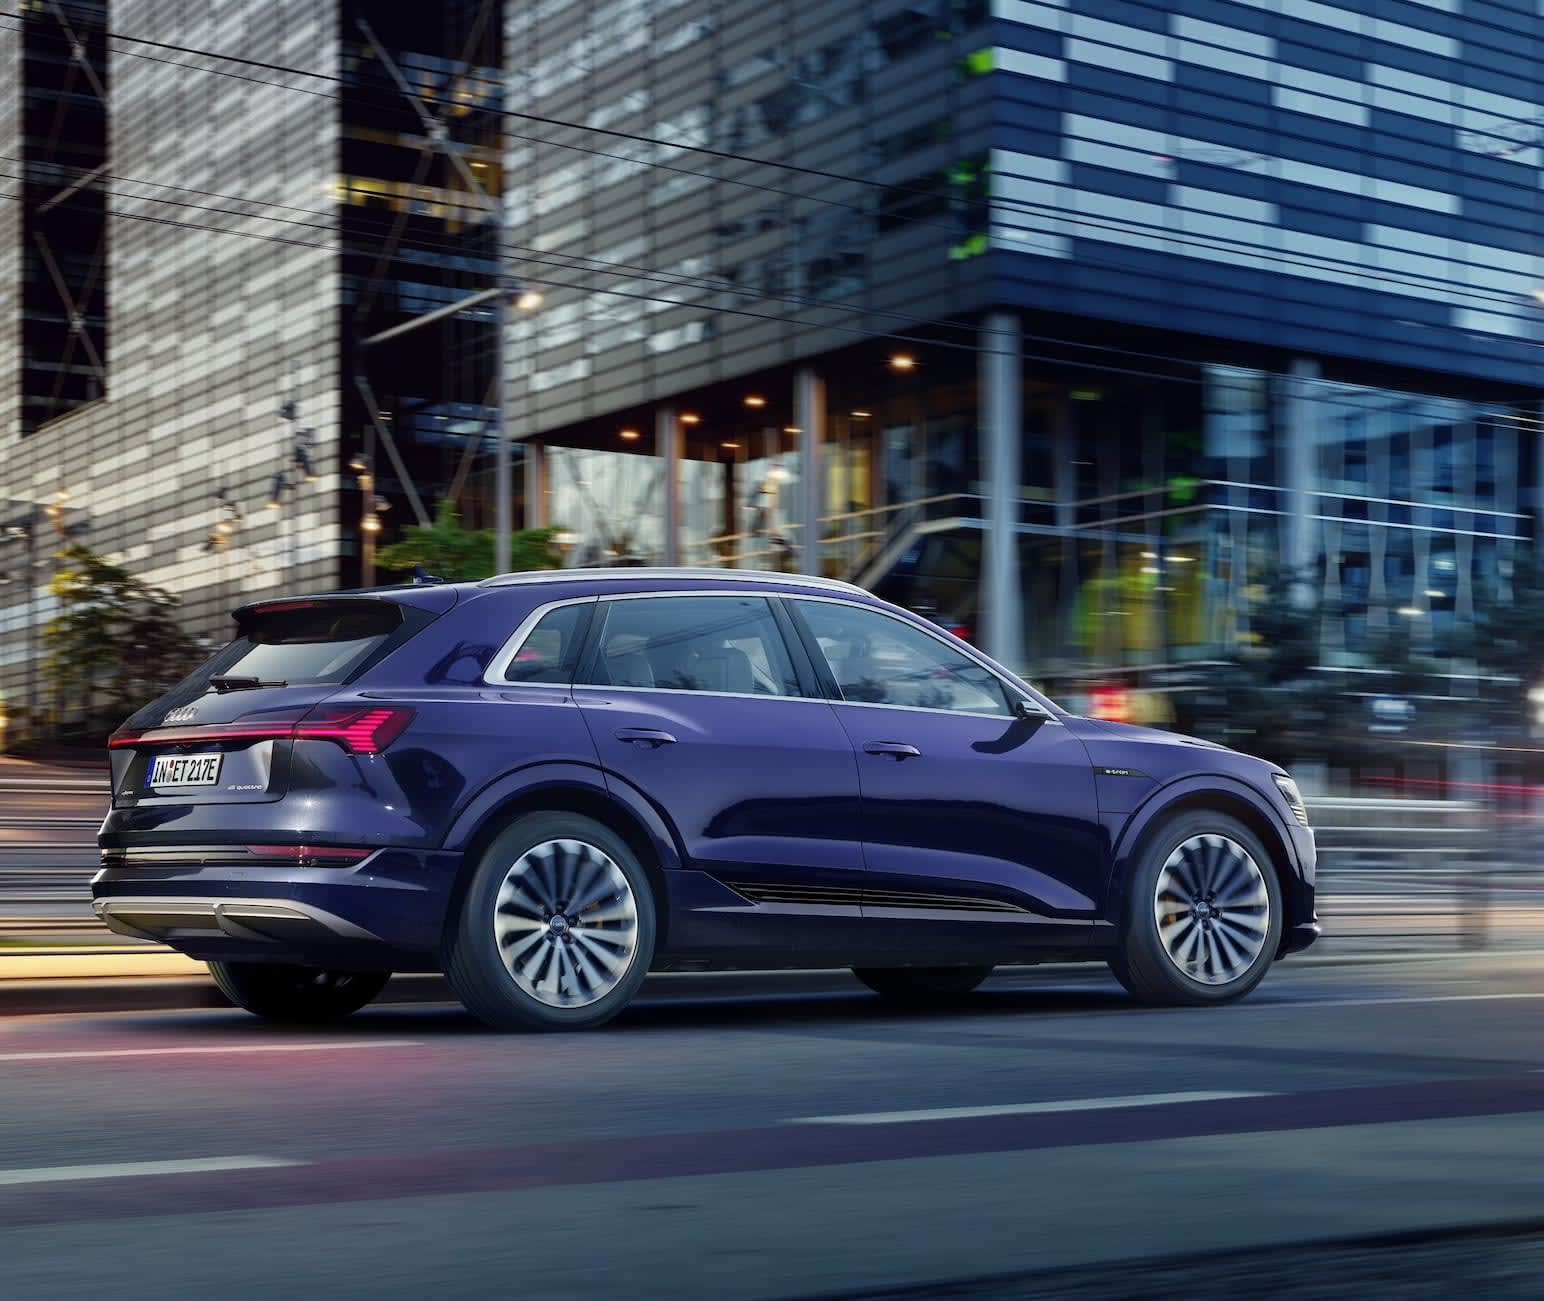 Der Audi e-tron quattro im Auto Abo von Clyde